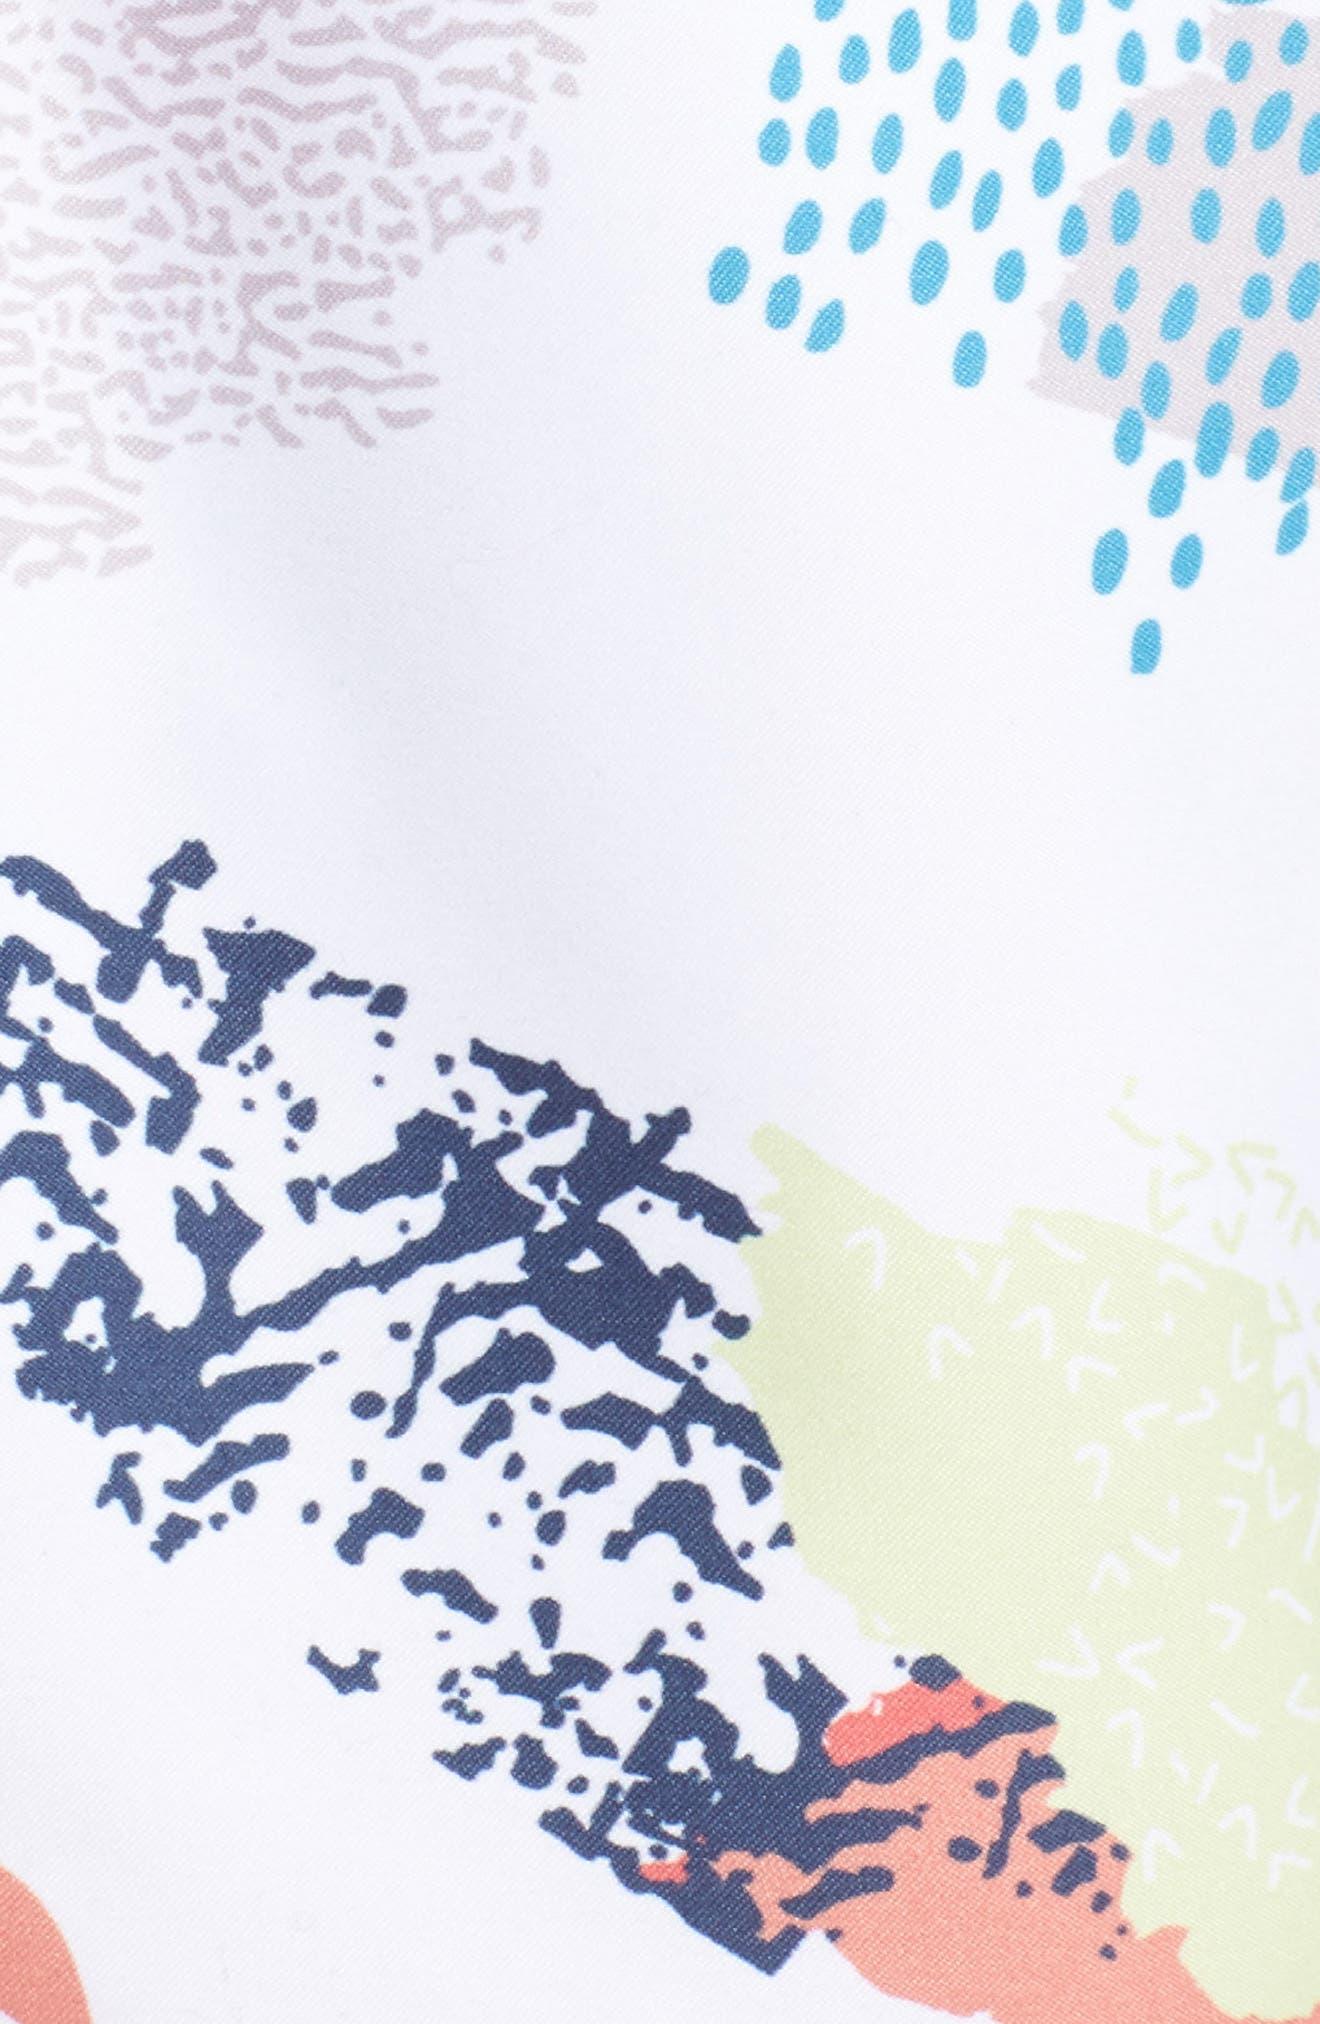 Effervescence Swim Trunks,                             Alternate thumbnail 5, color,                             100